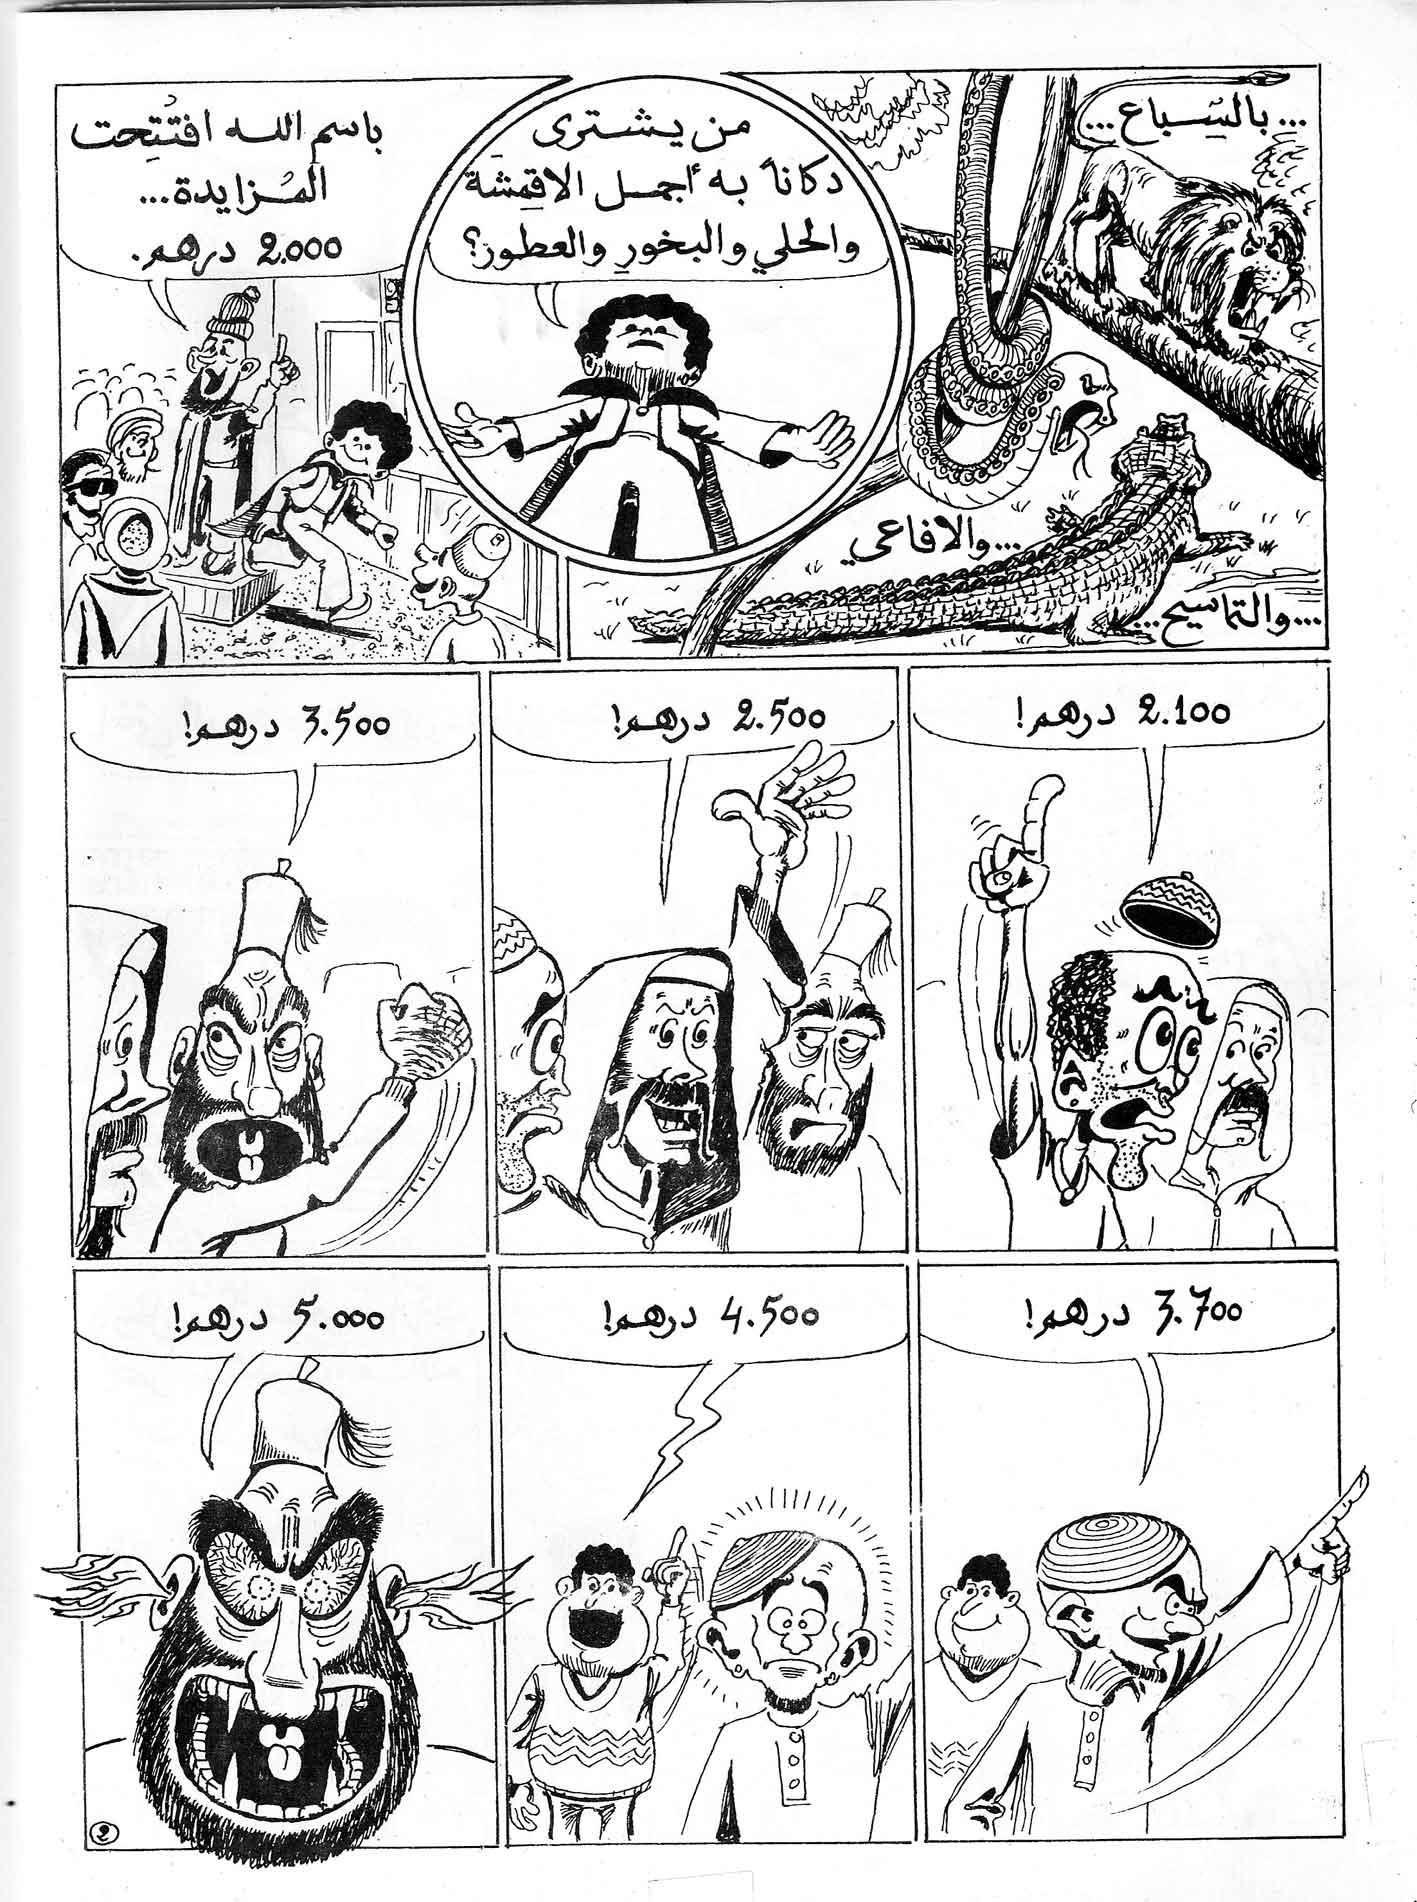 bande dessinee en arabe